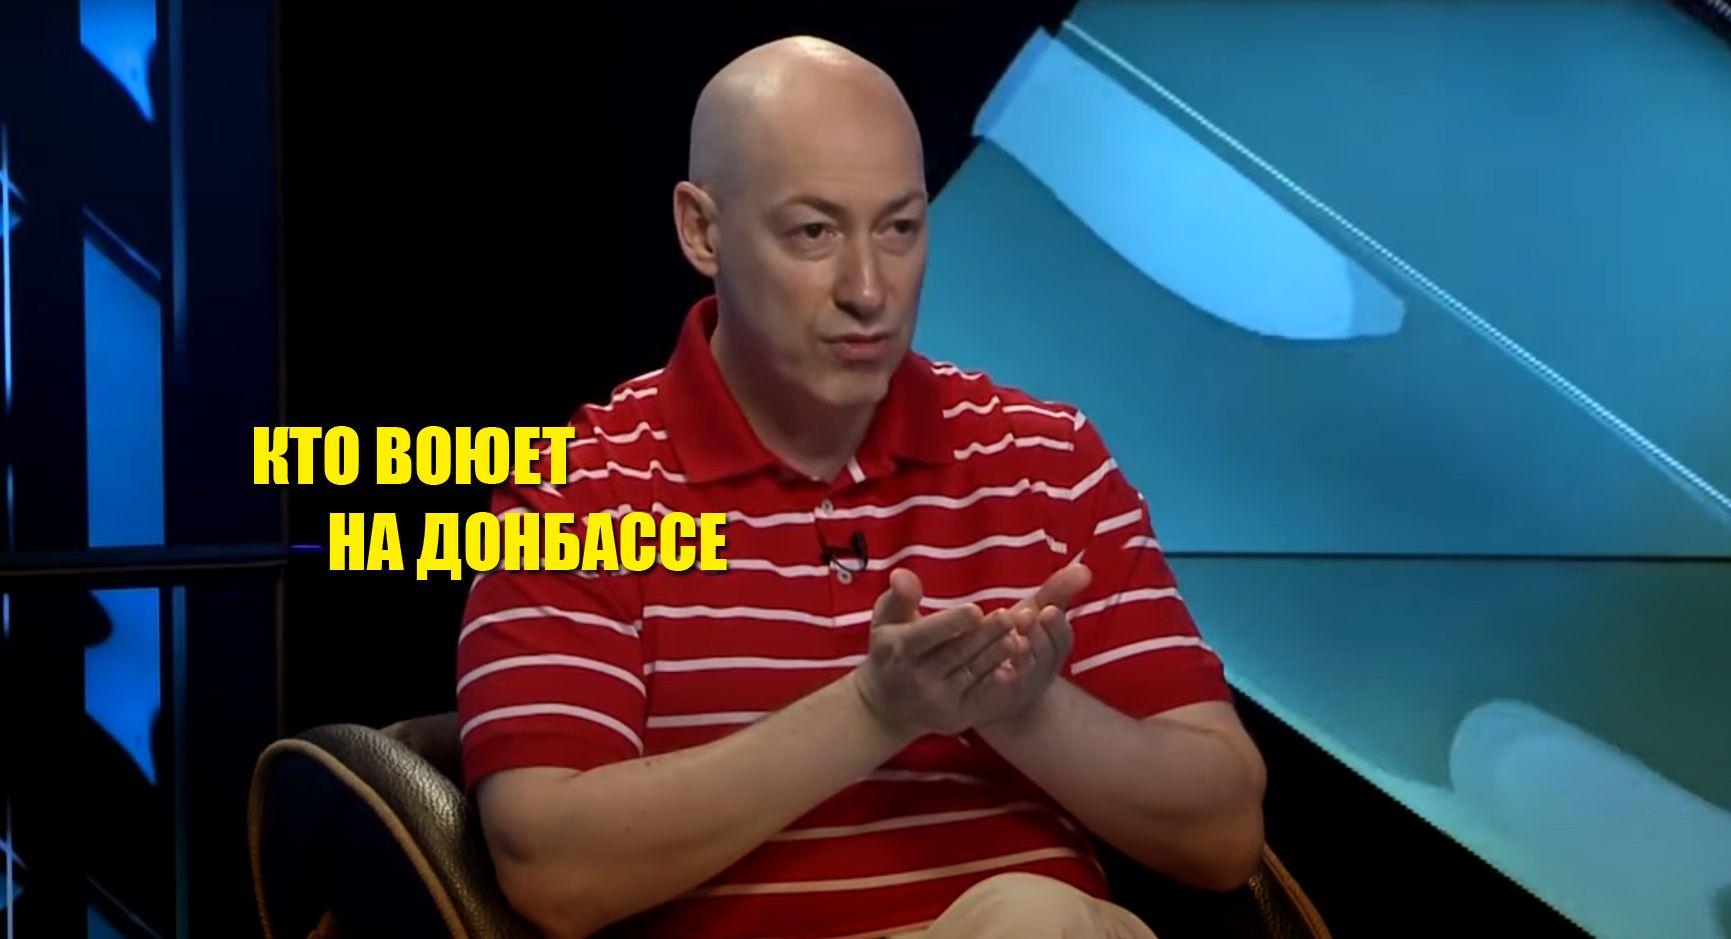 Василец пояснил Гордону, кто воюет между собой на Донбассе